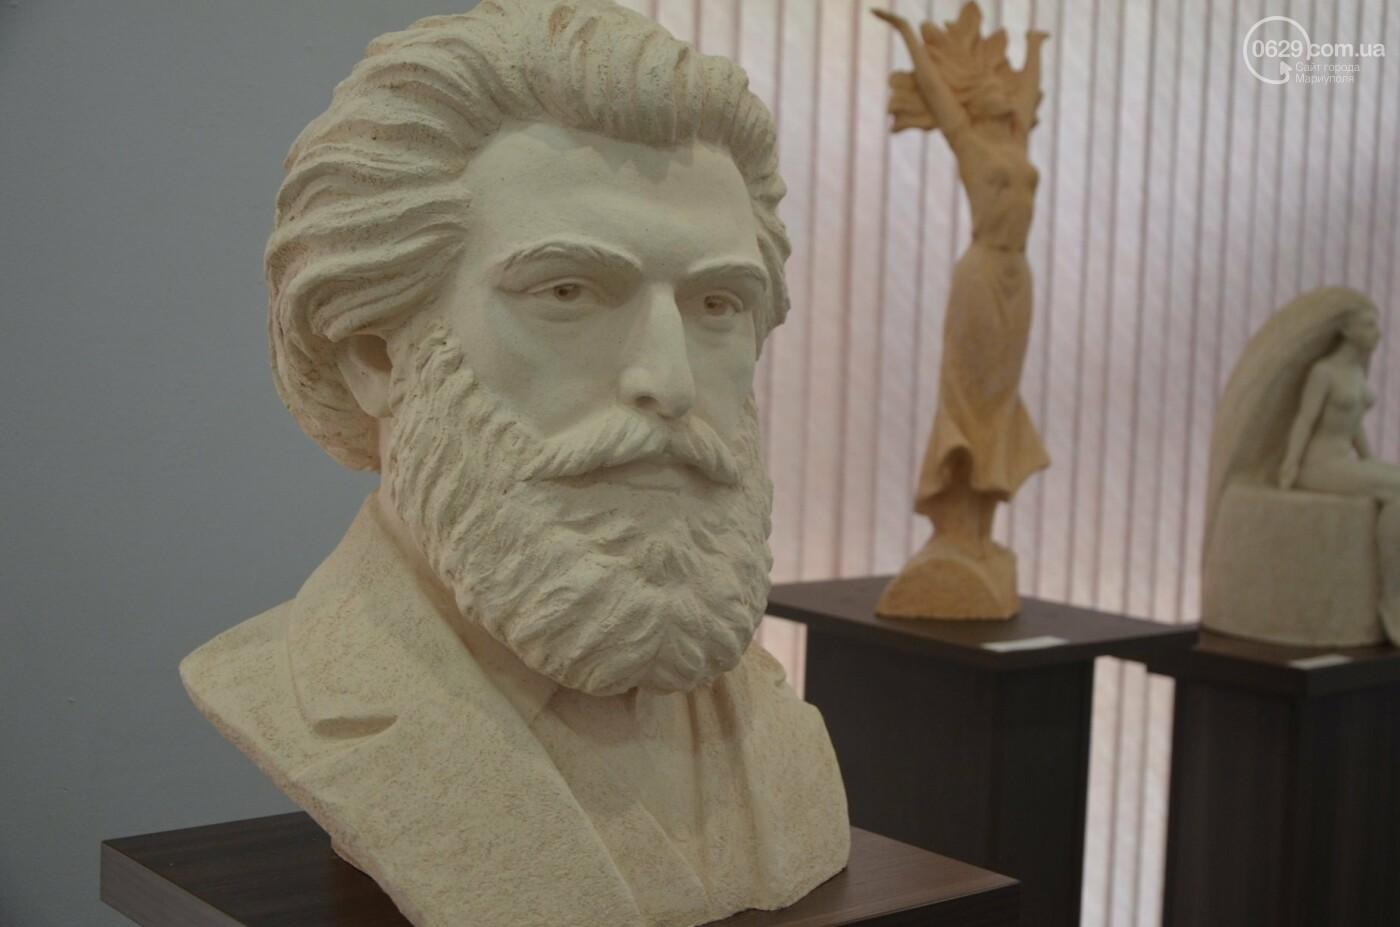 В Мариуполь привезли скульптуры, застрахованные на 4 - 6 тысяч евро каждая, - ФОТО, фото-2